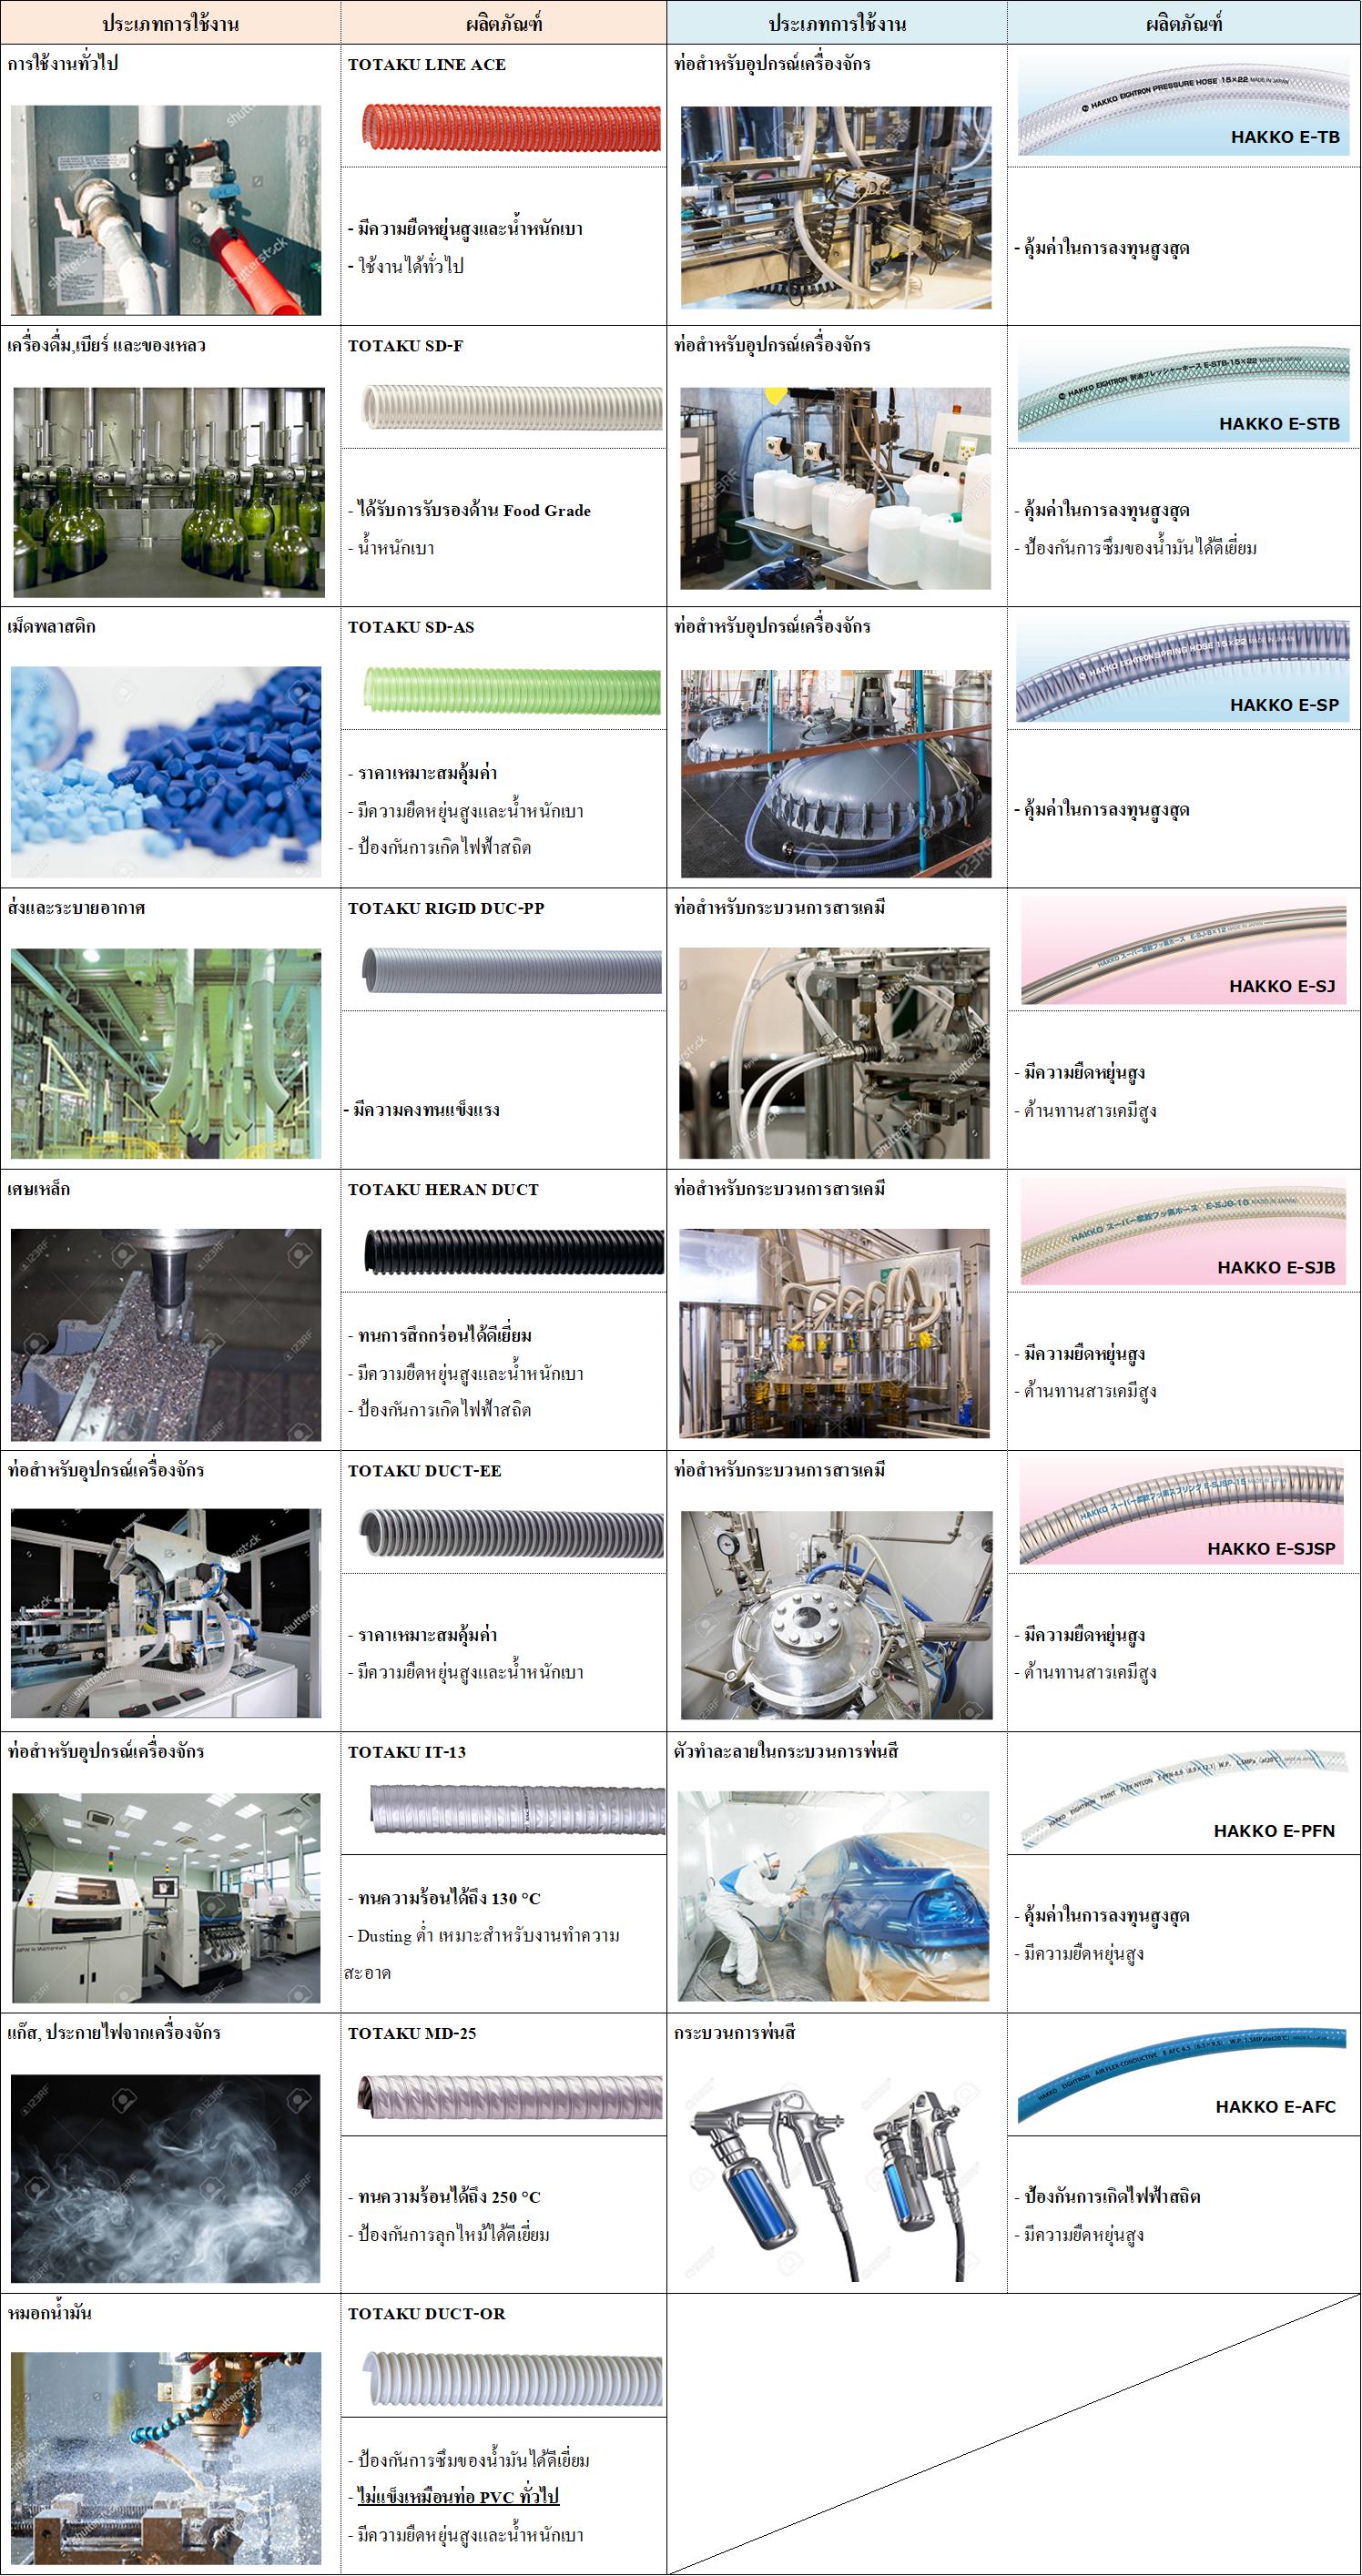 ตารางการใช้งาน ท่อยาง ท่ออุตสาหกรรม Totaku